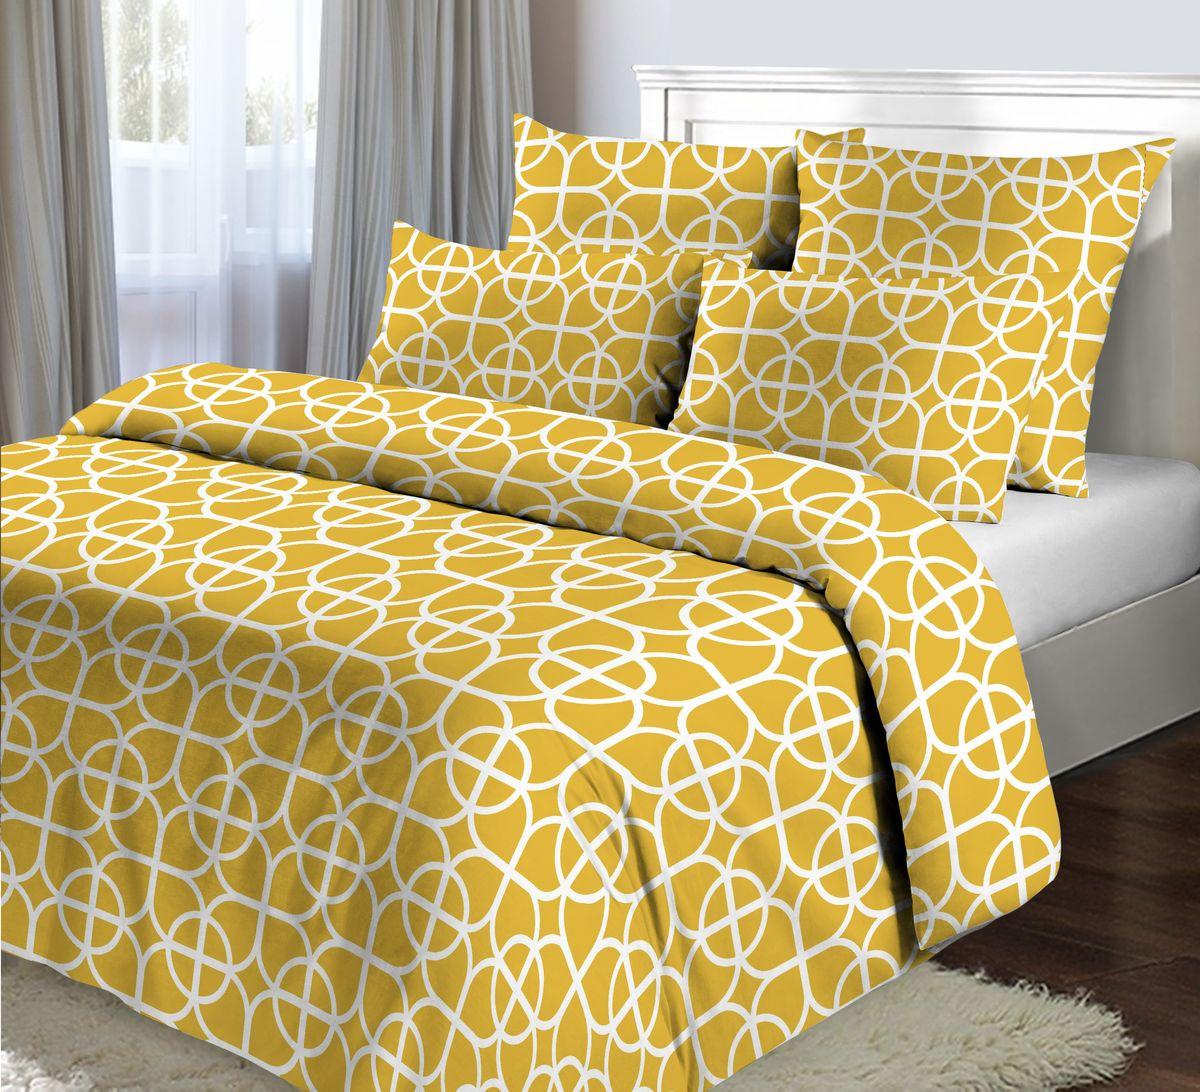 Комплект белья Коллекция Гео-3, 2,5-спальный, наволочки 70х70ОБК-2,5/70 5047.5